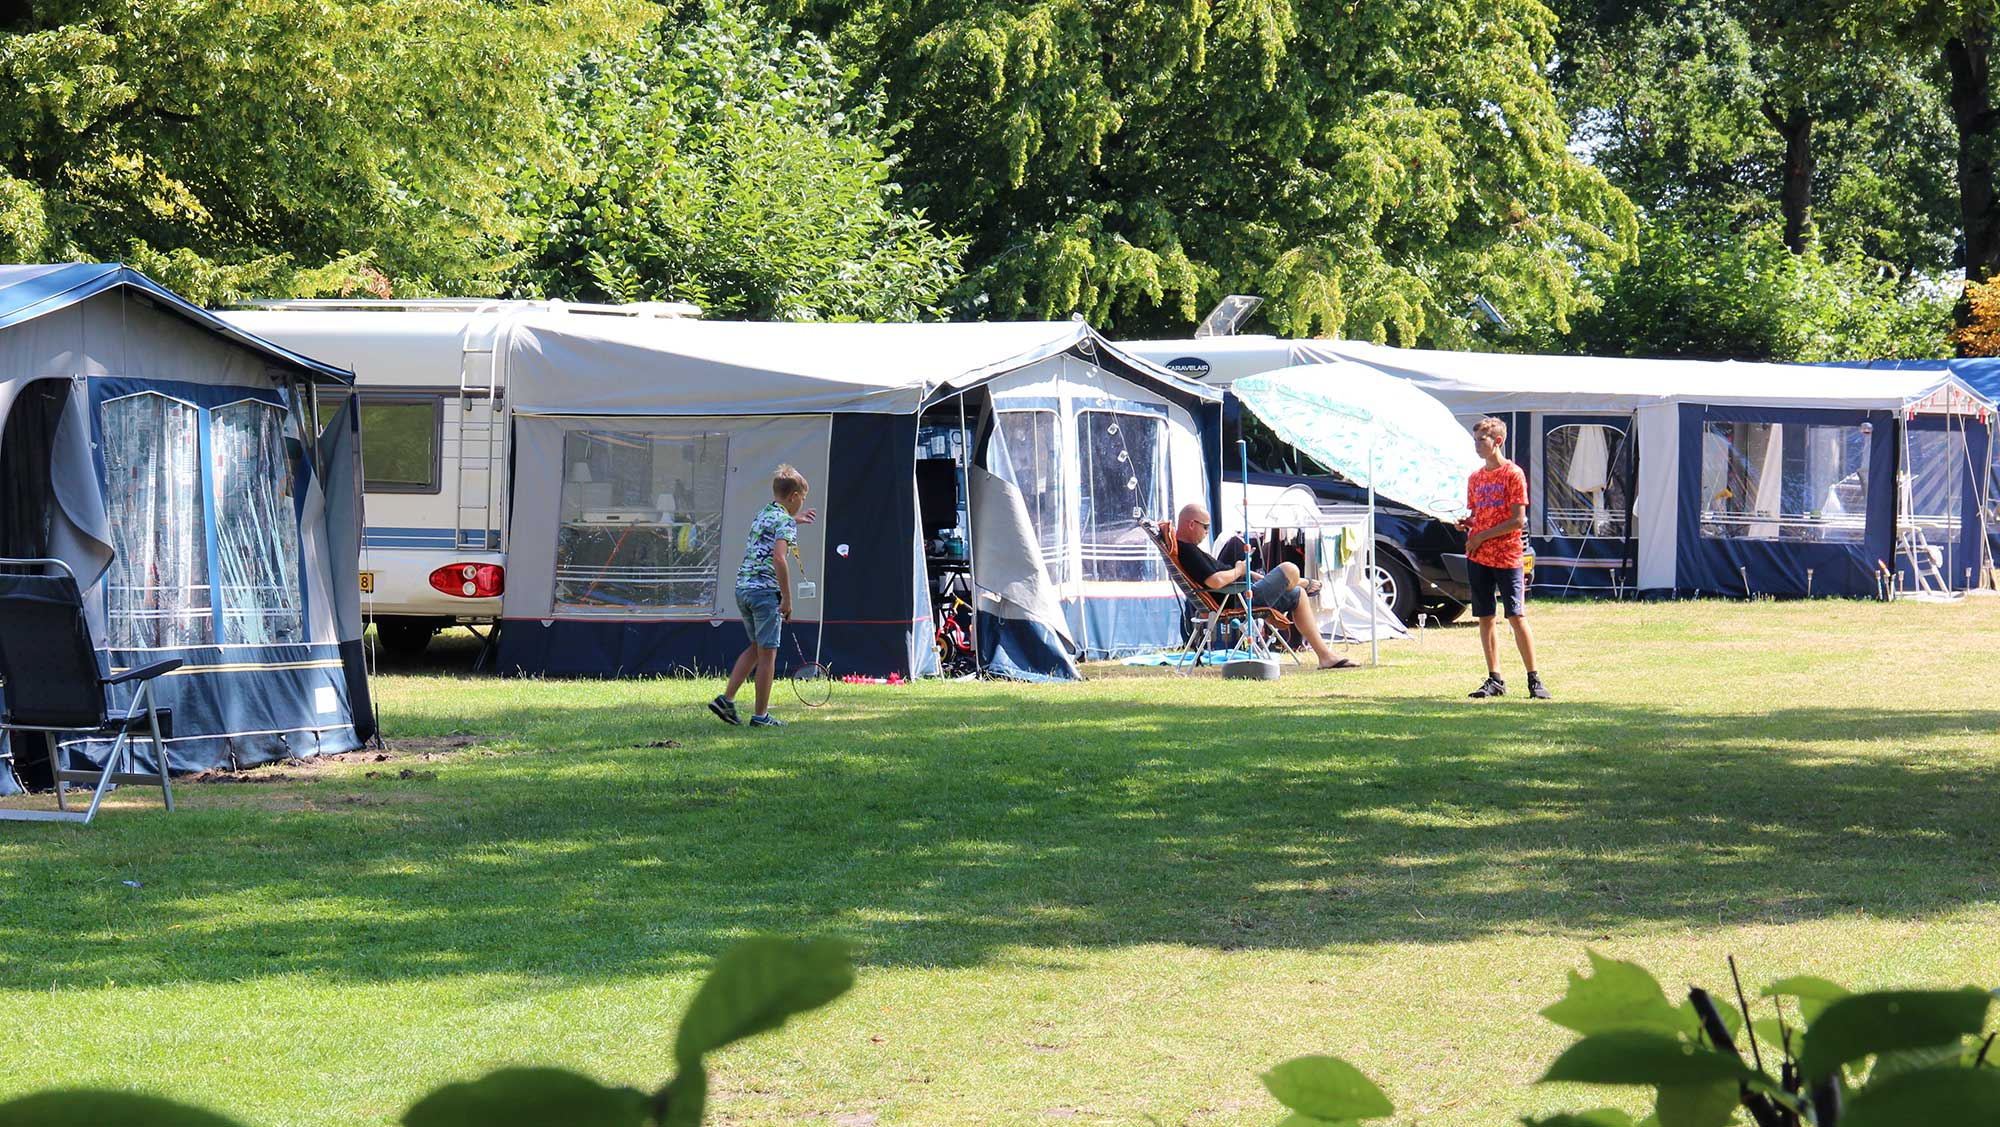 Seizoenplaats kamperen Molecaten Park Bosbad Hoeven 03